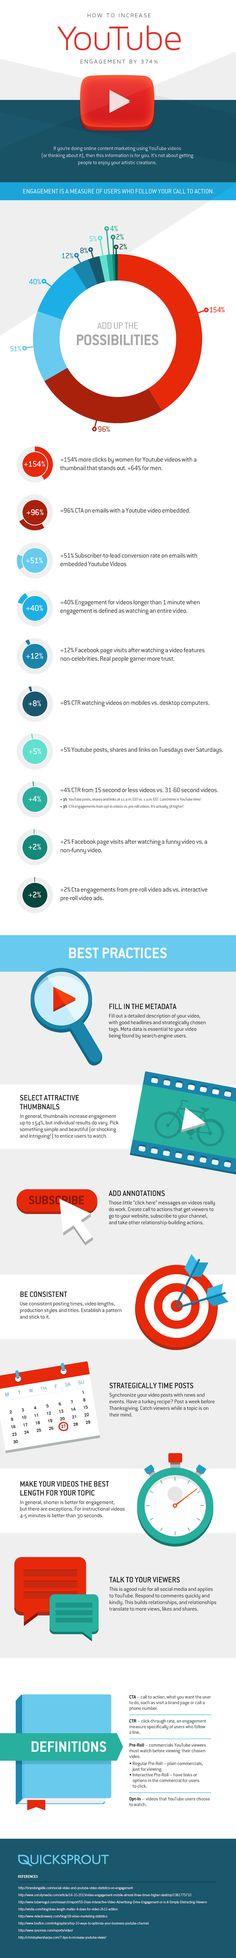 Cómo incrementar el engagement en YouTube un 374% #infografia #infographic #socialmedia